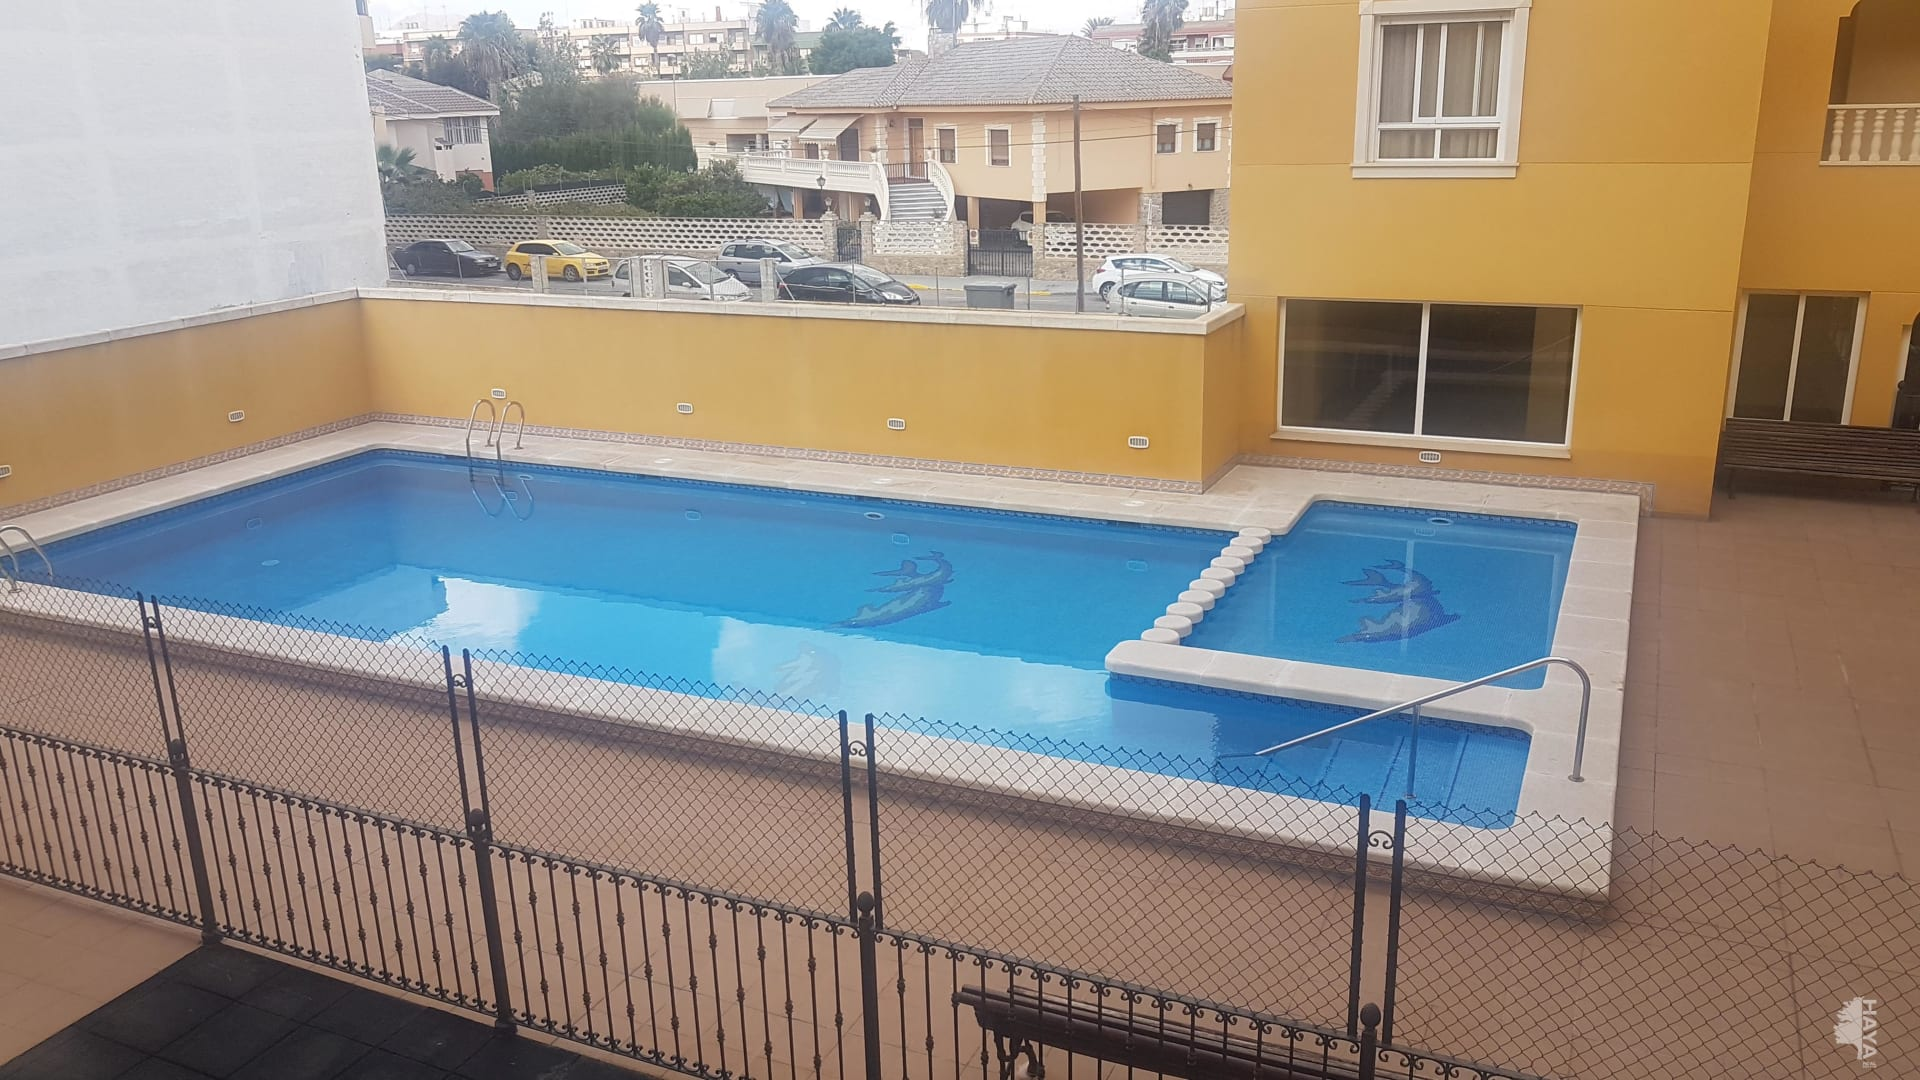 Piso en venta en Centro, Almoradí, Alicante, Calle Jacinto Benavente, 65.100 €, 3 habitaciones, 2 baños, 113 m2